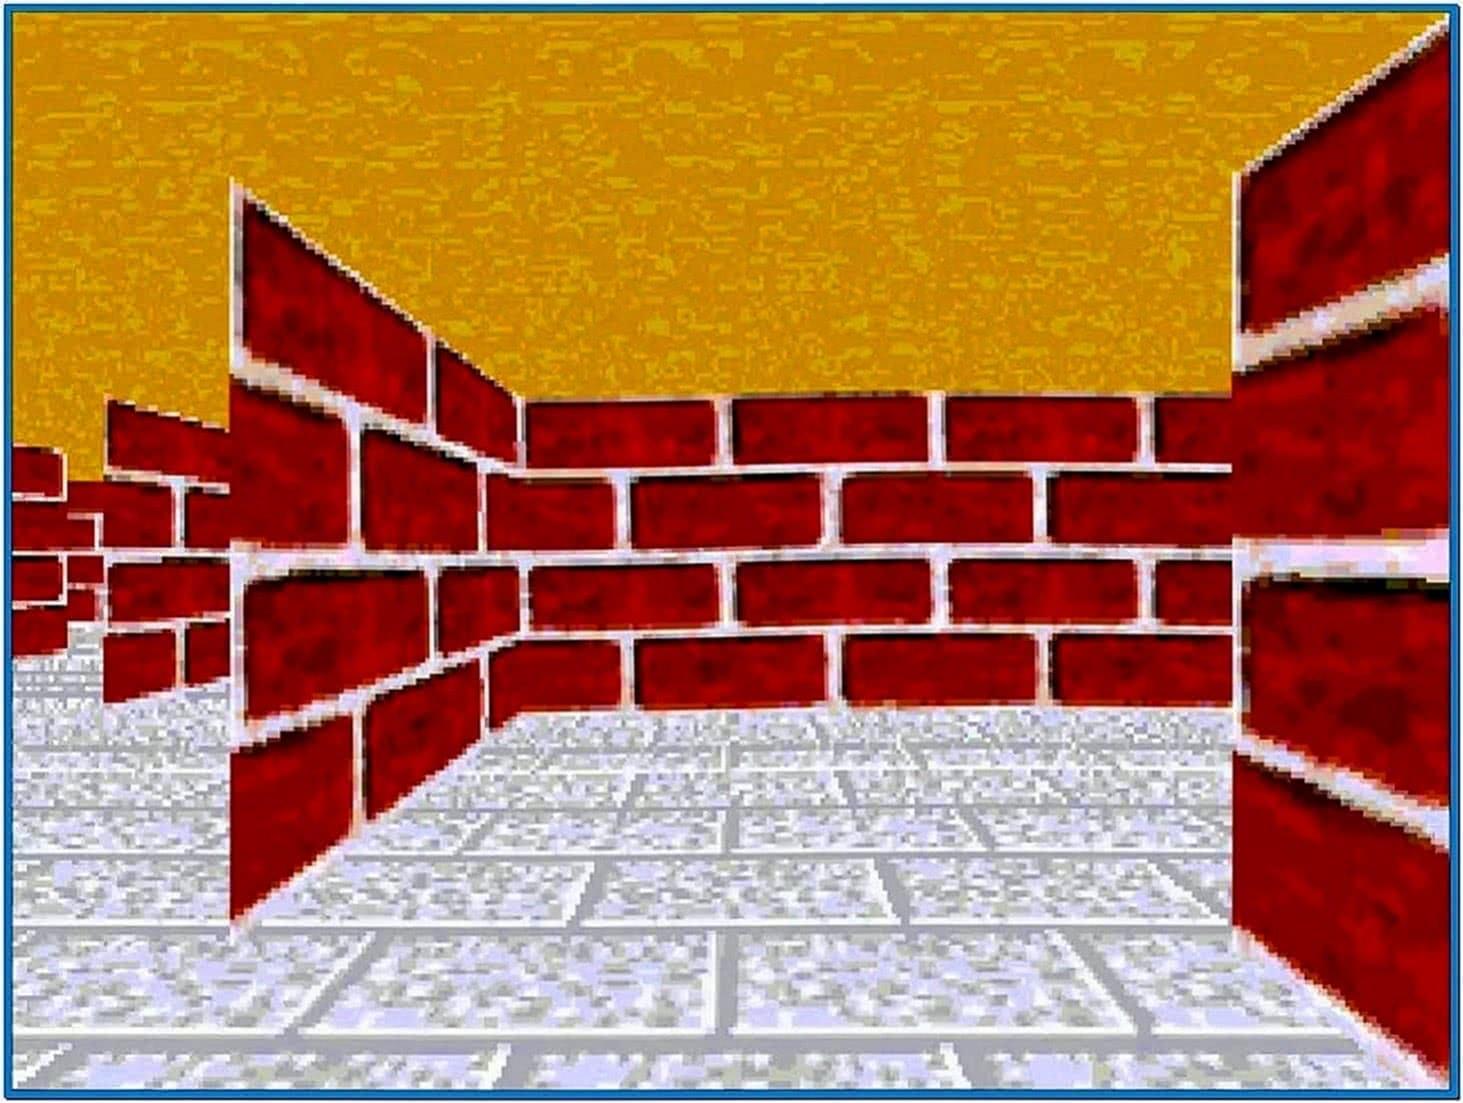 Maze Screensaver Linux